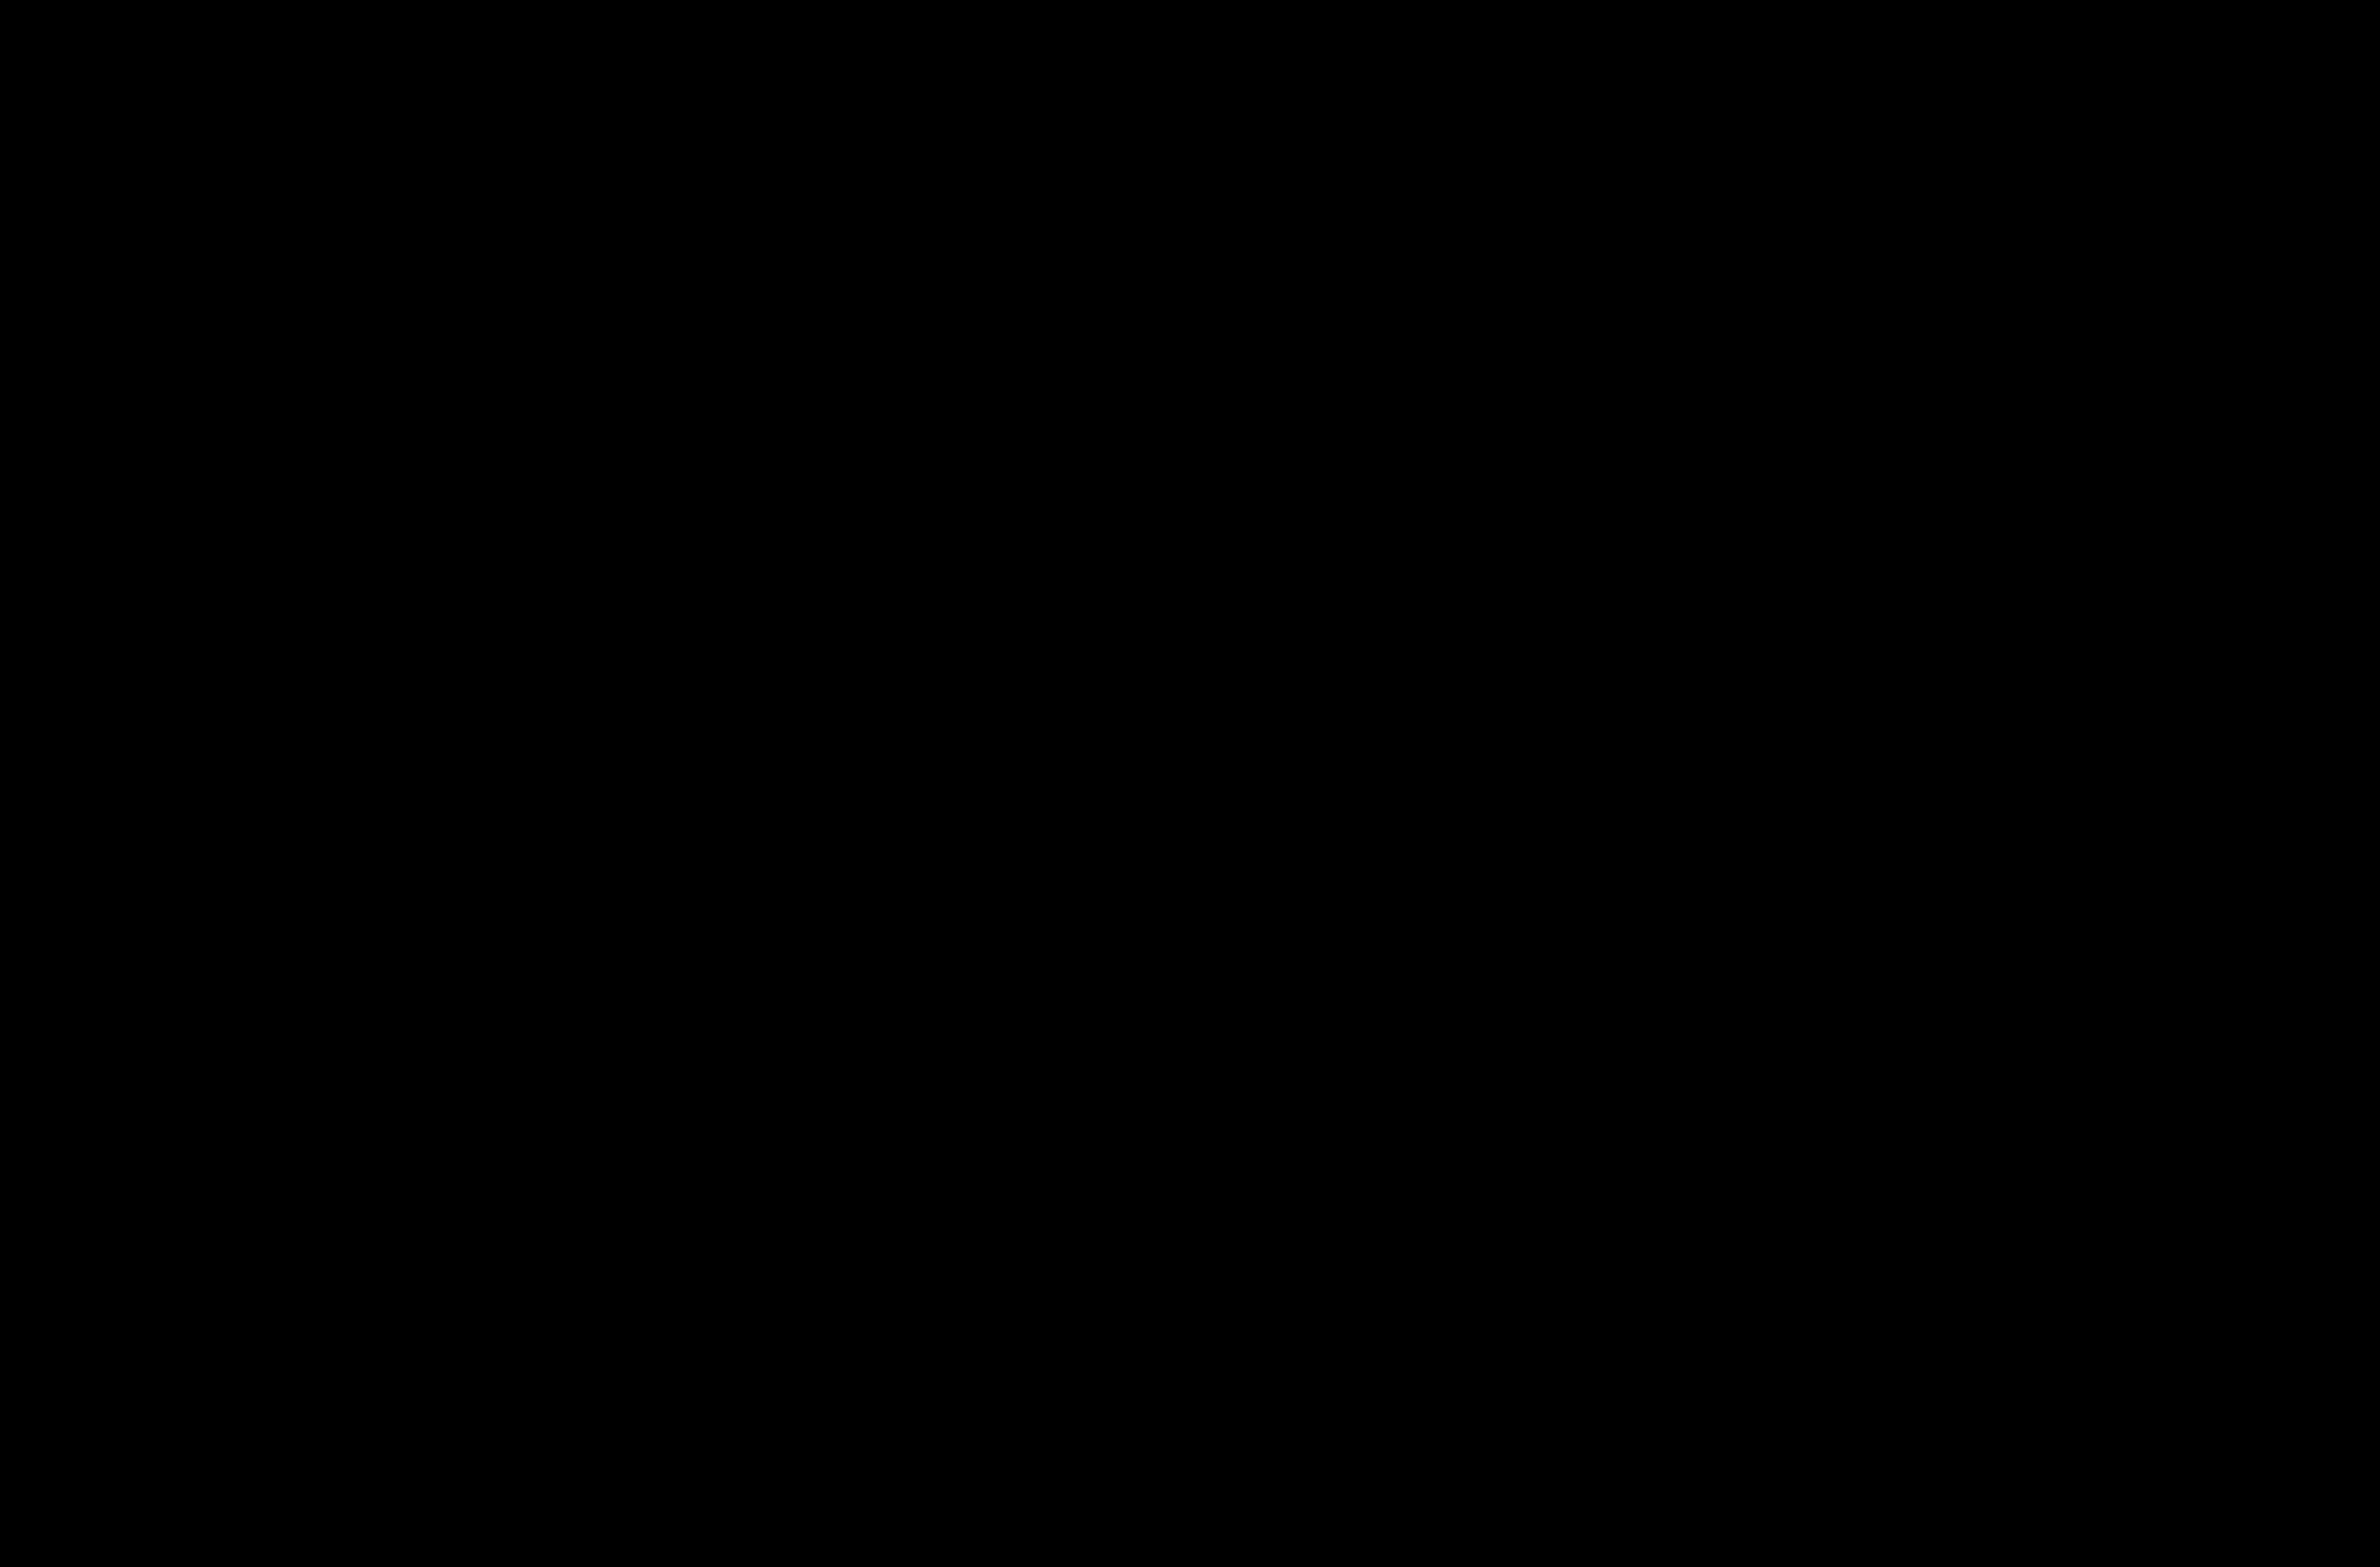 honda logo 0 - Honda Autos Logo